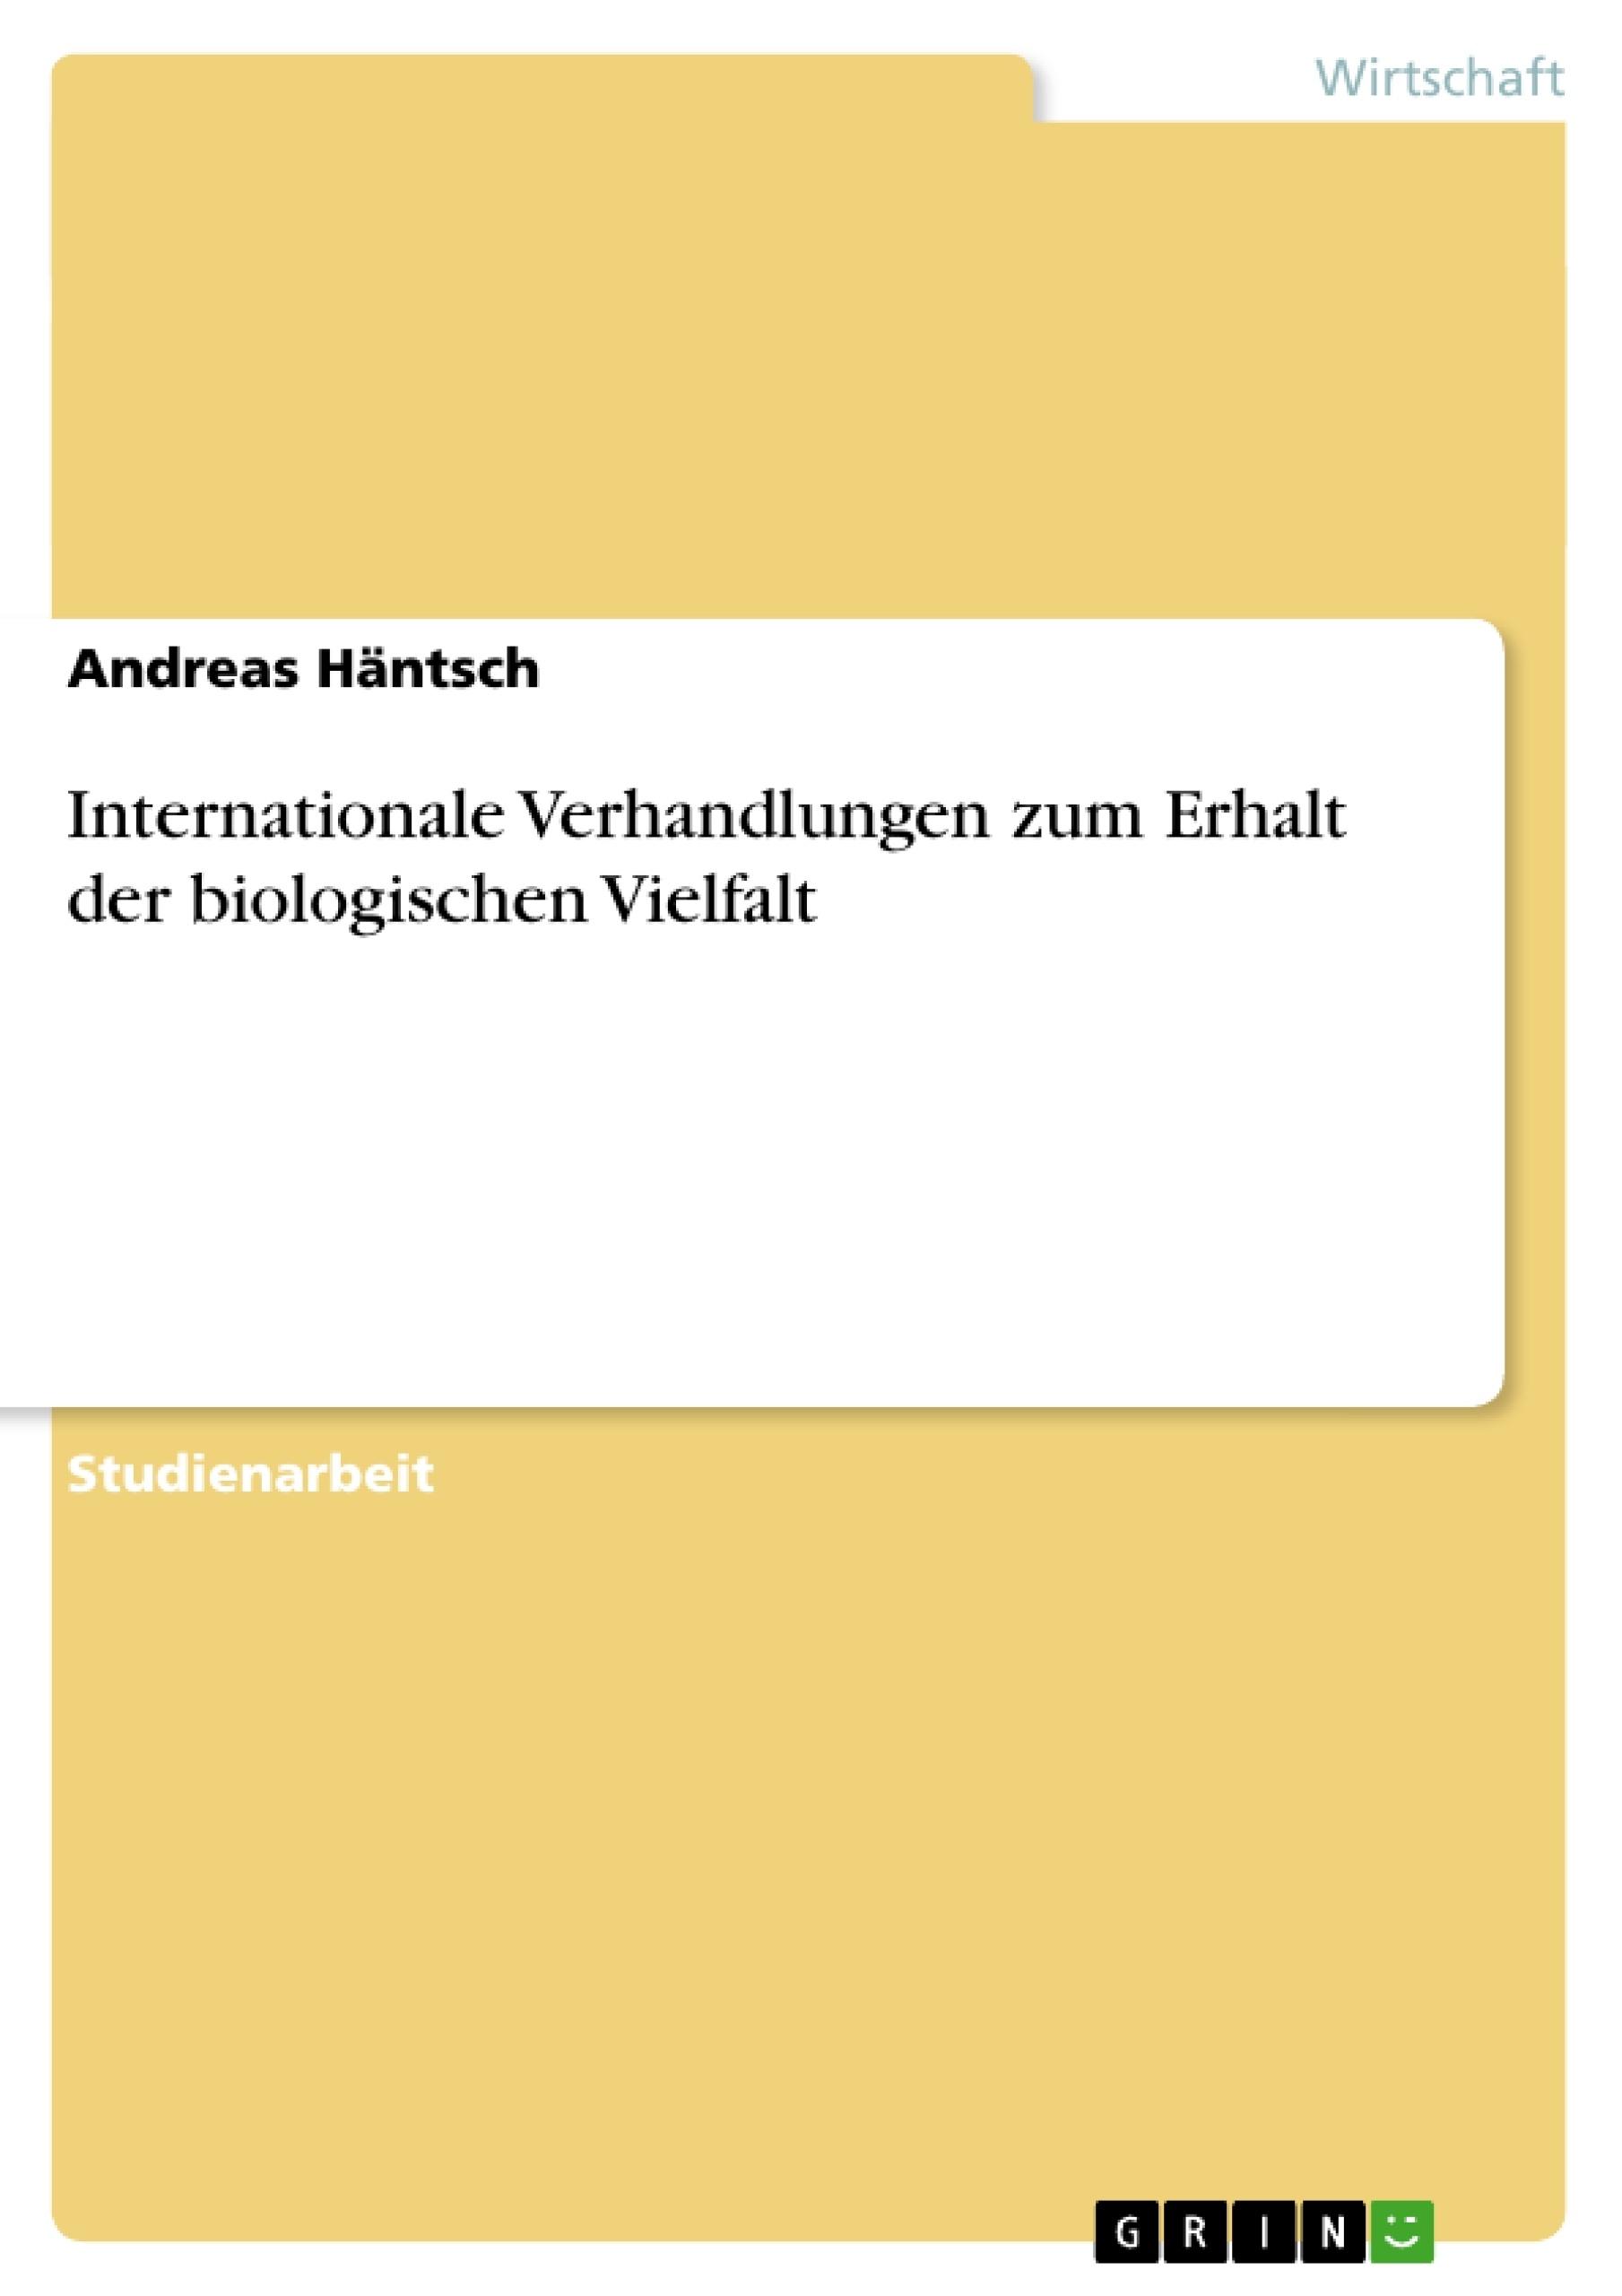 Titel: Internationale Verhandlungen zum Erhalt der biologischen Vielfalt